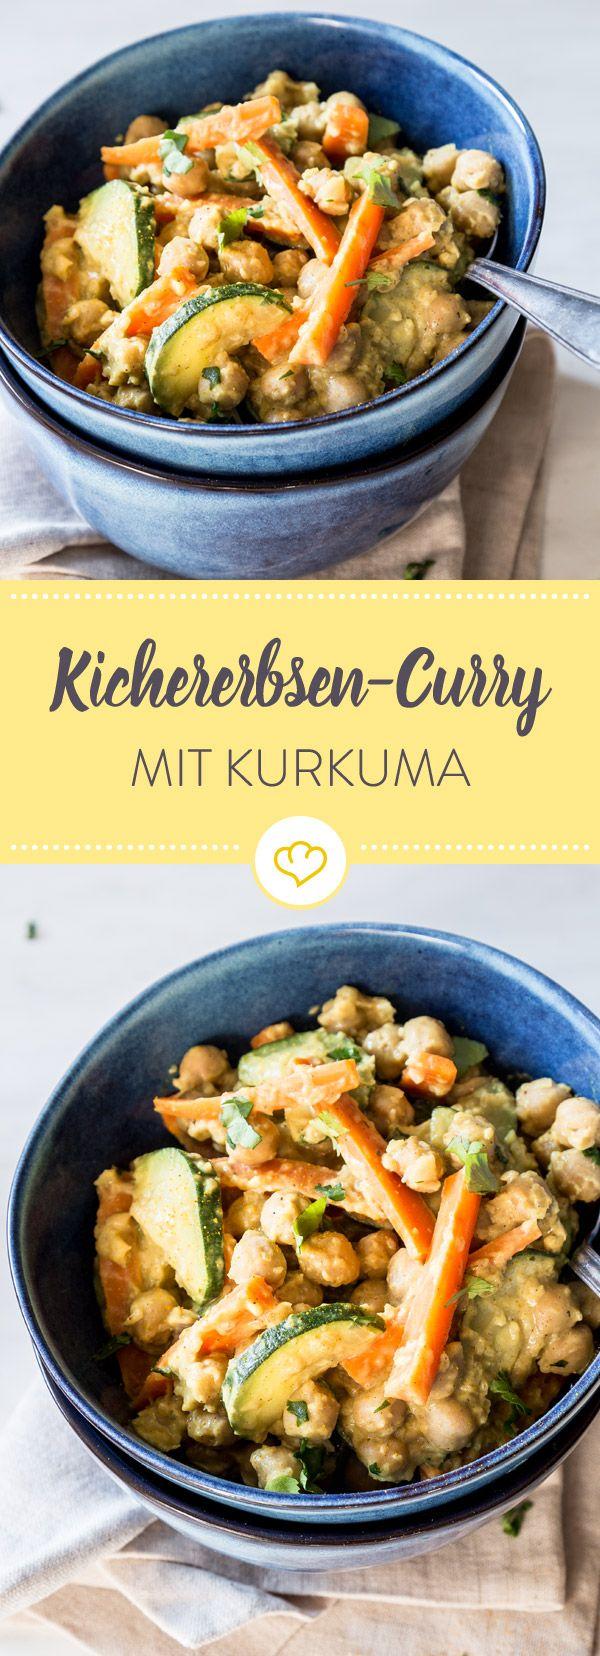 Viele köstliche Aromen treffen in diesem leckeren Curry aufeinander.